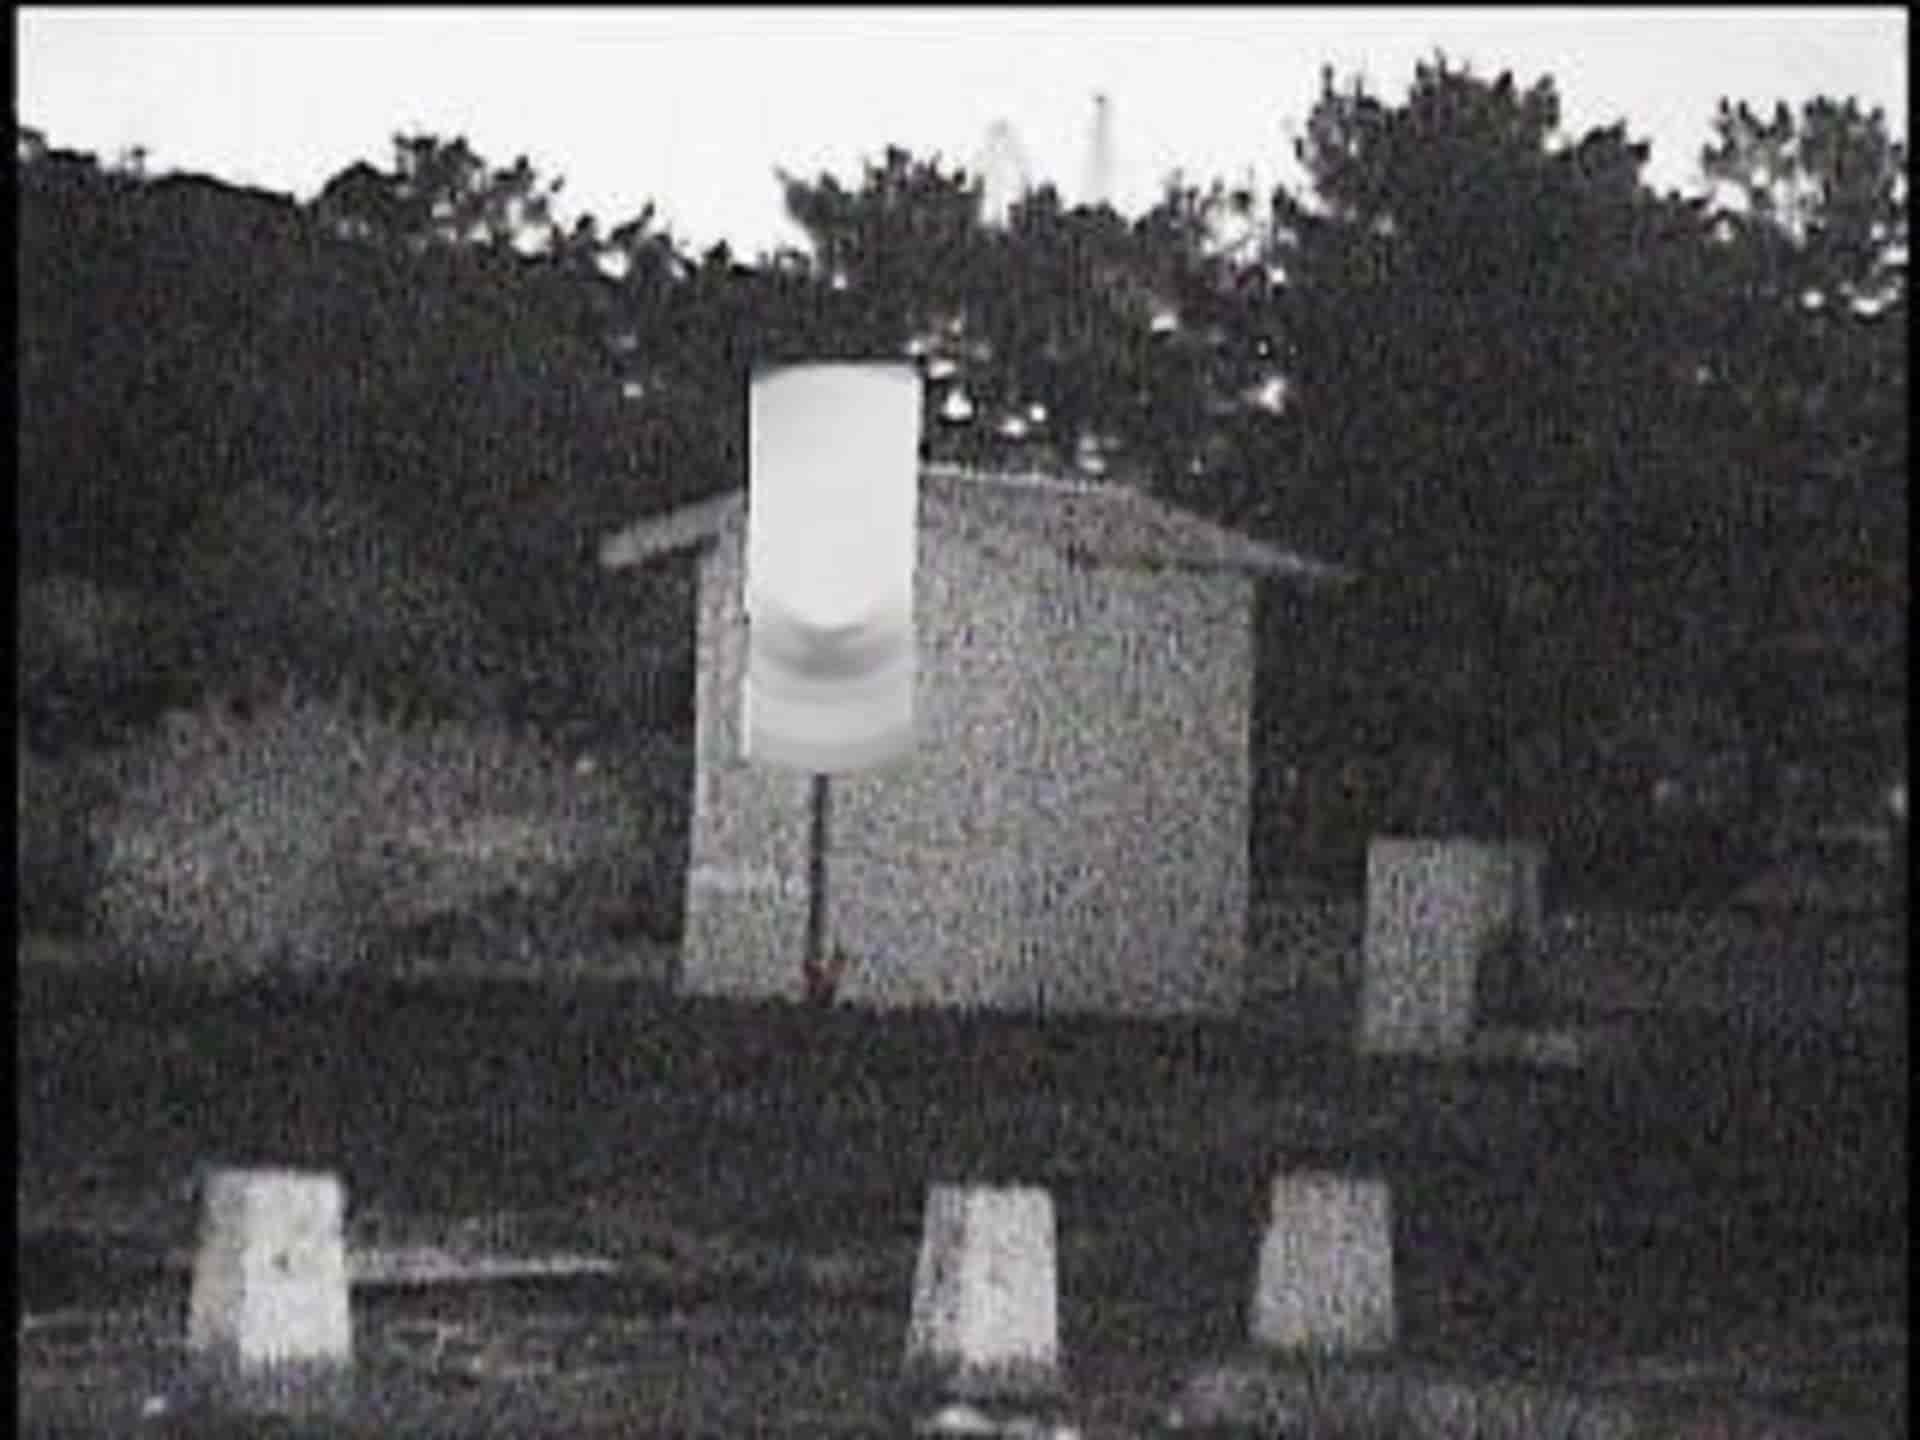 千葉県の夜間暗視撮影は多数の実績があるラブ探偵事務所